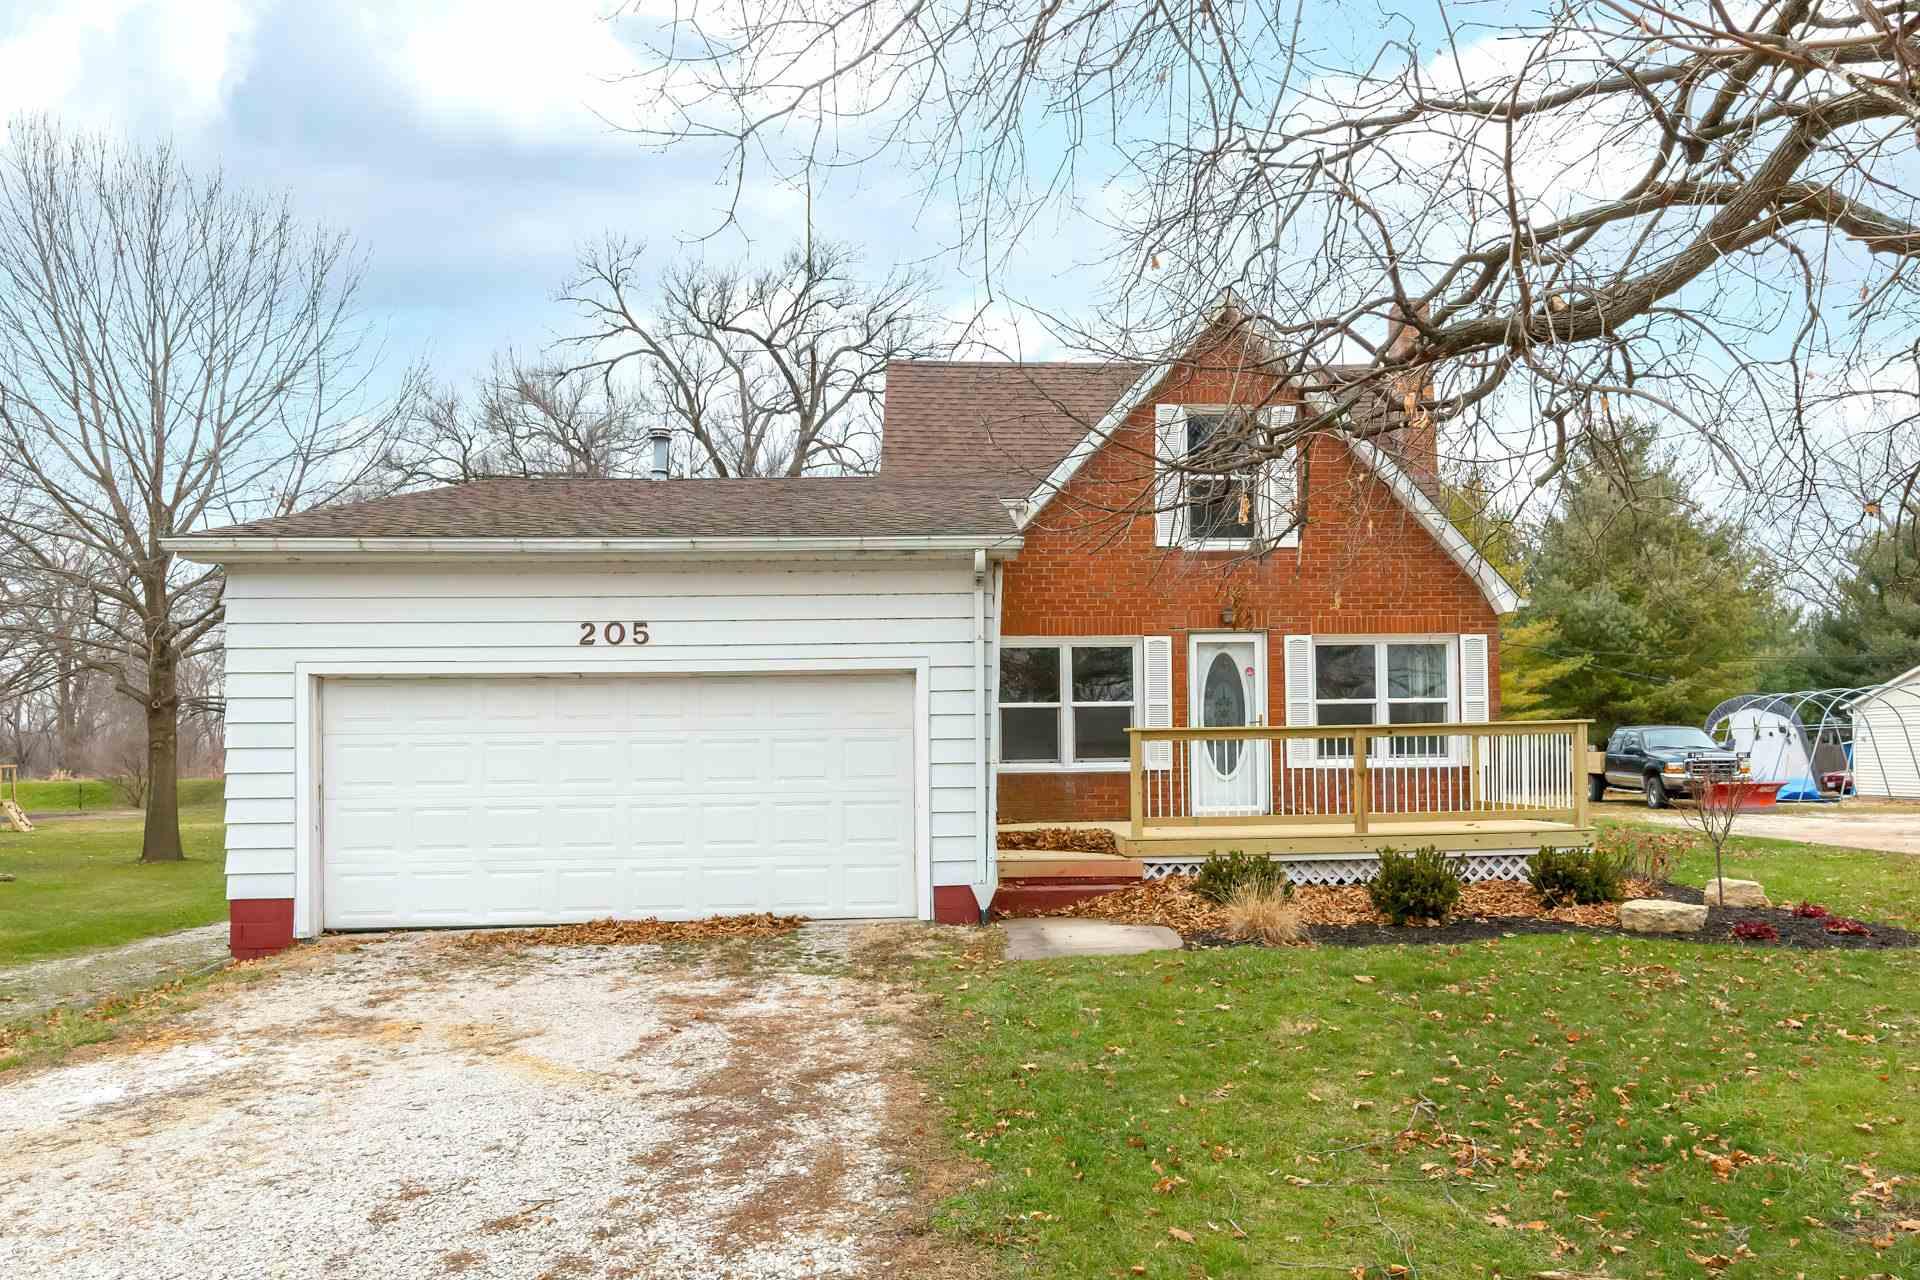 205 7TH Property Photo - Colona, IL real estate listing